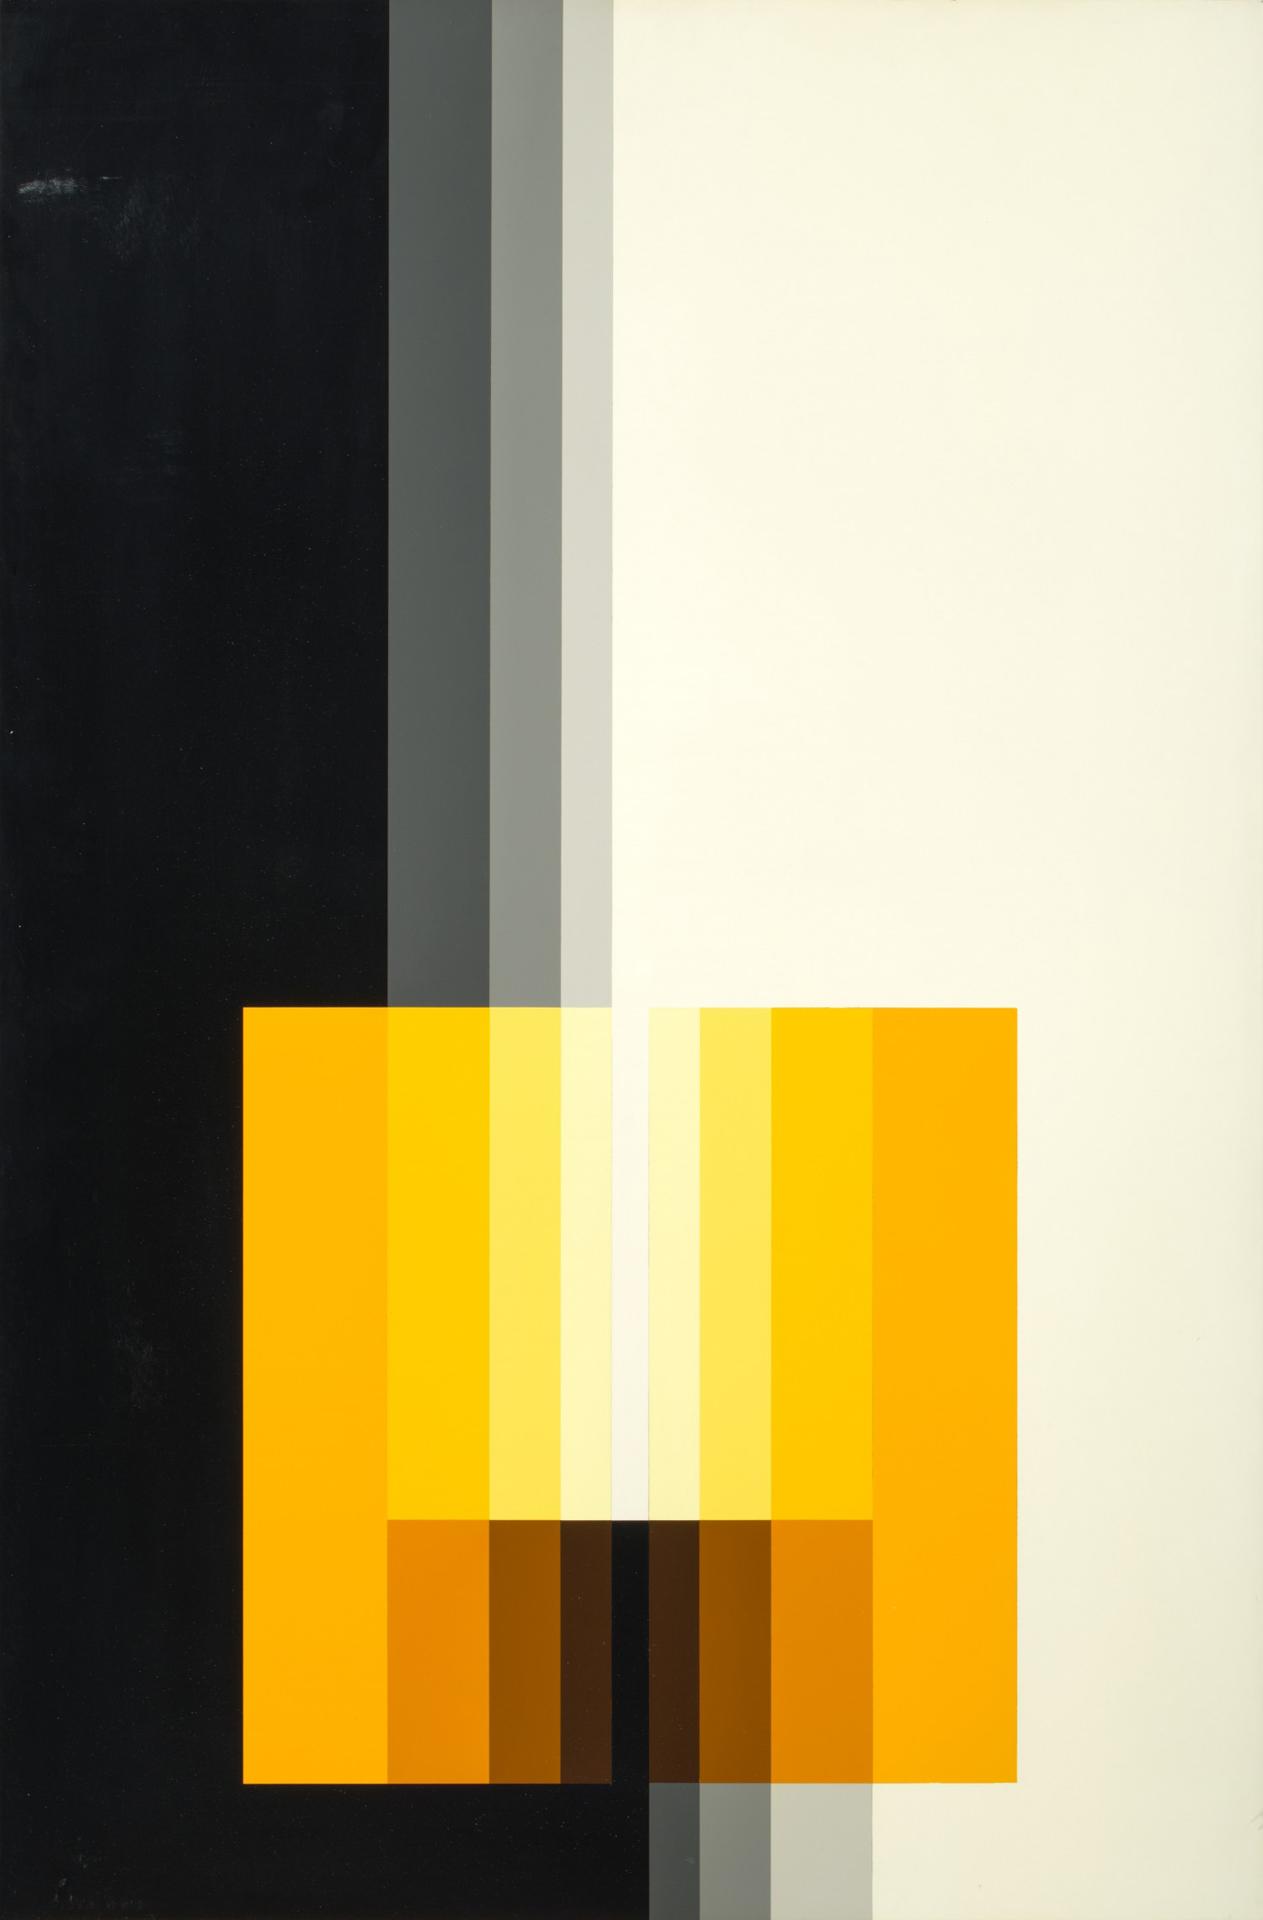 Karl Gerstner, Chromorphose 3.14, ab 1958, Nitrolack auf Aluminium, 93 x 61 cm